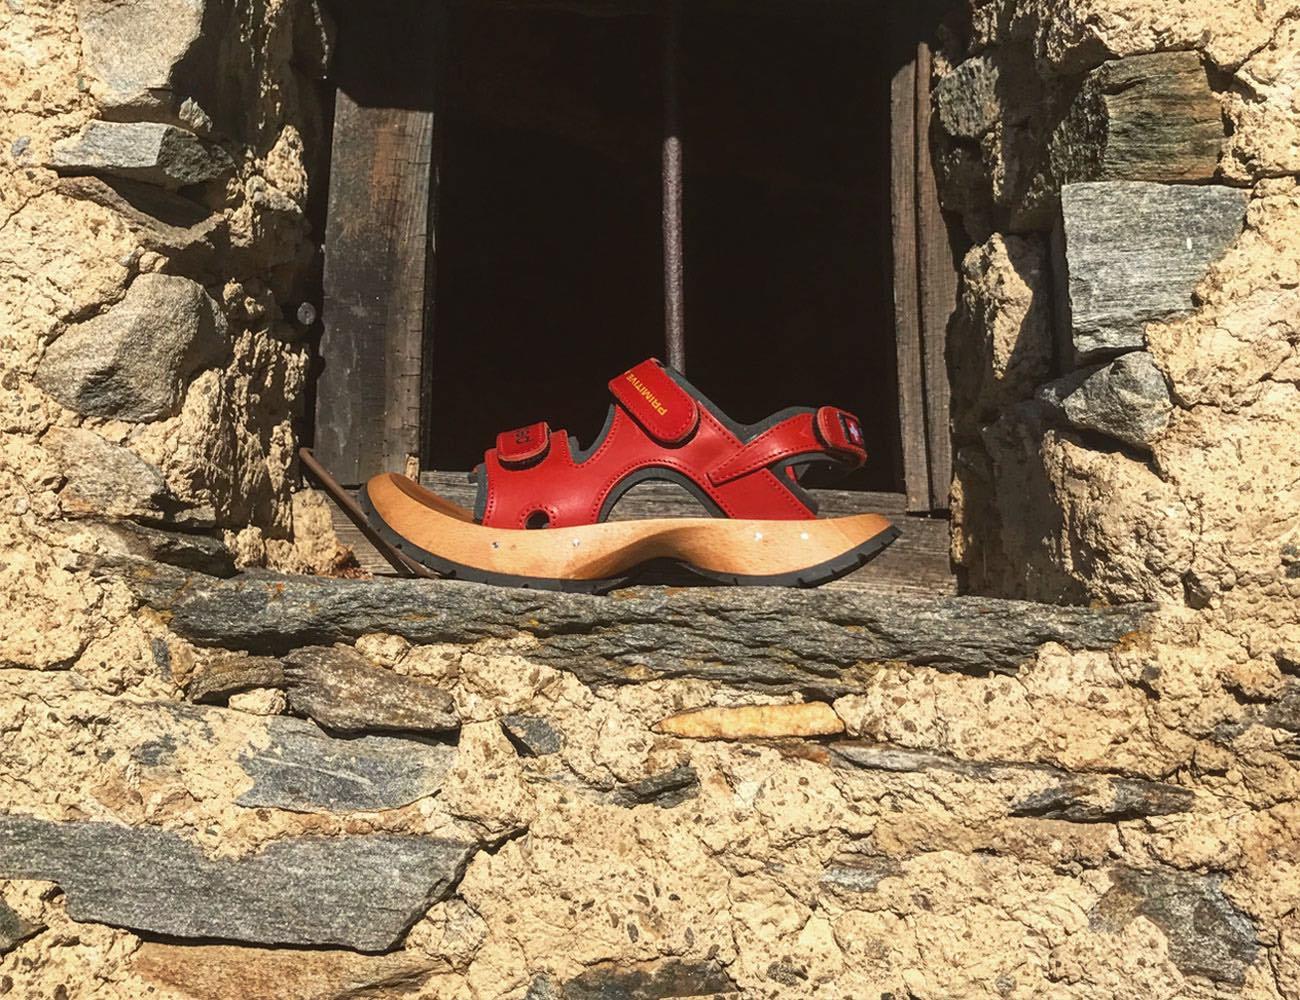 Pébiott Artisanal Wooden Shoes